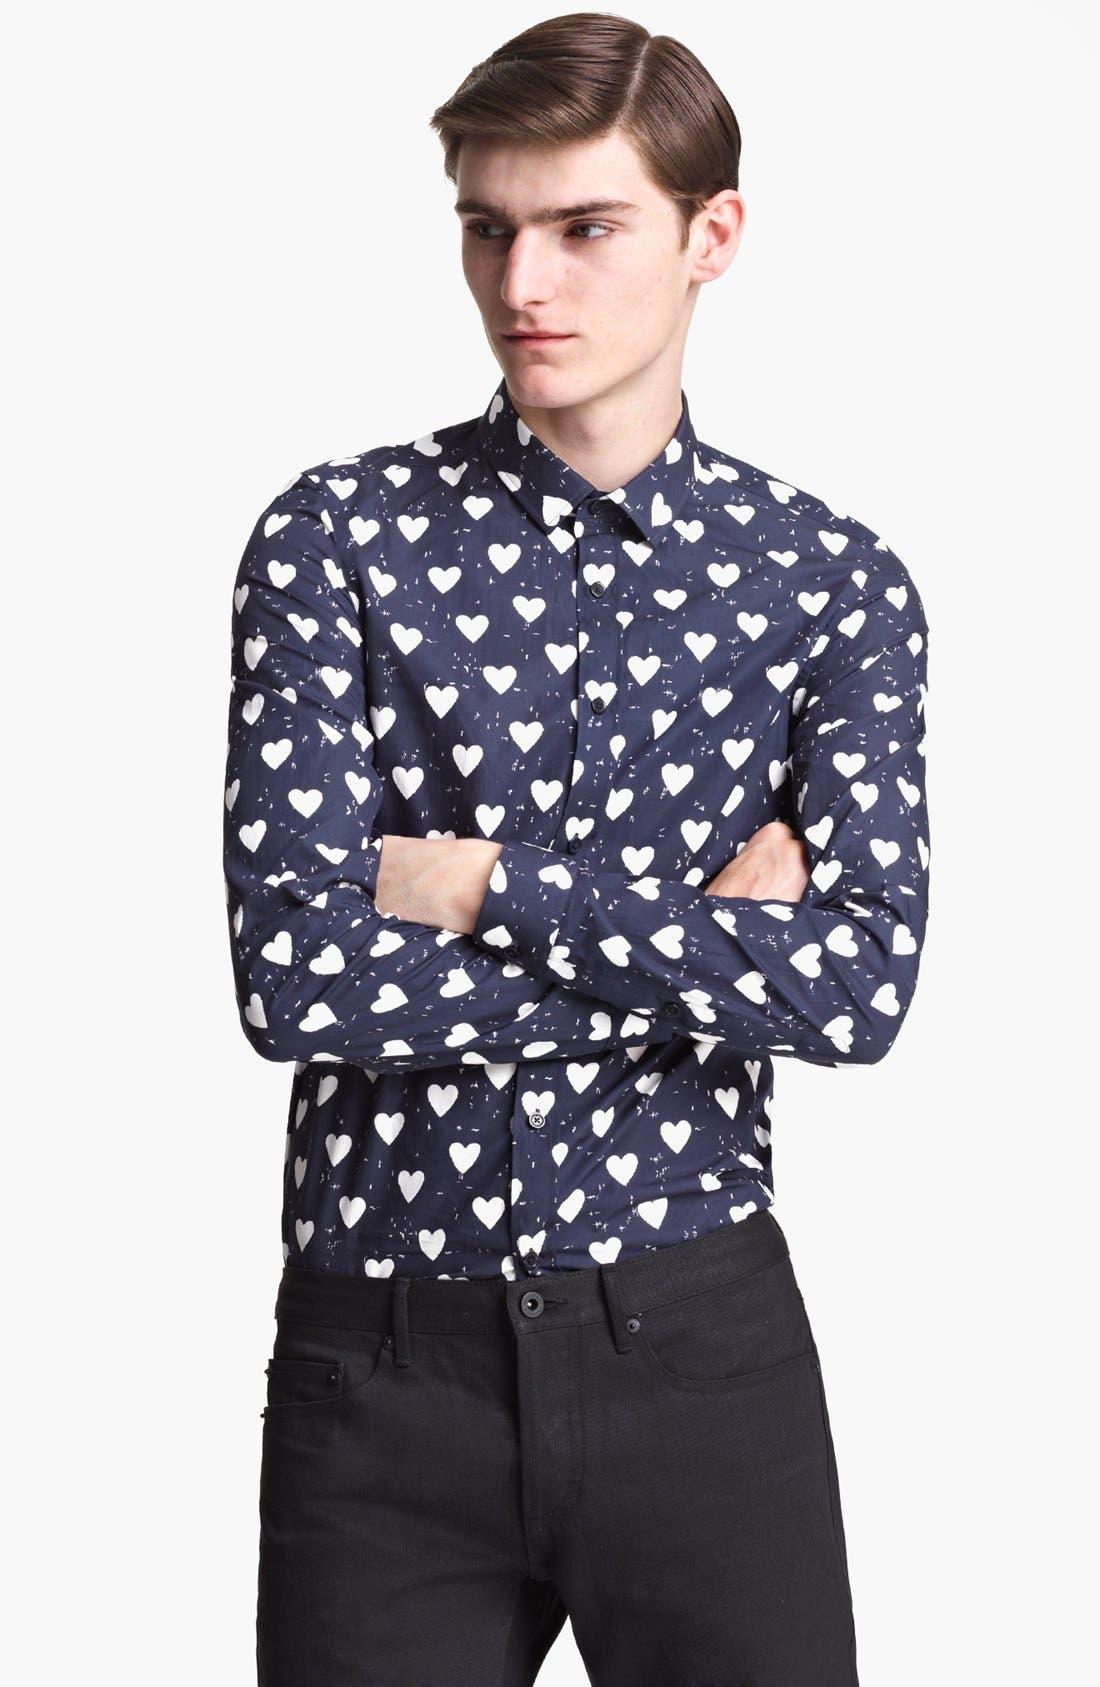 Main Image - Burberry Prorsum Heart Print Poplin Sport Shirt